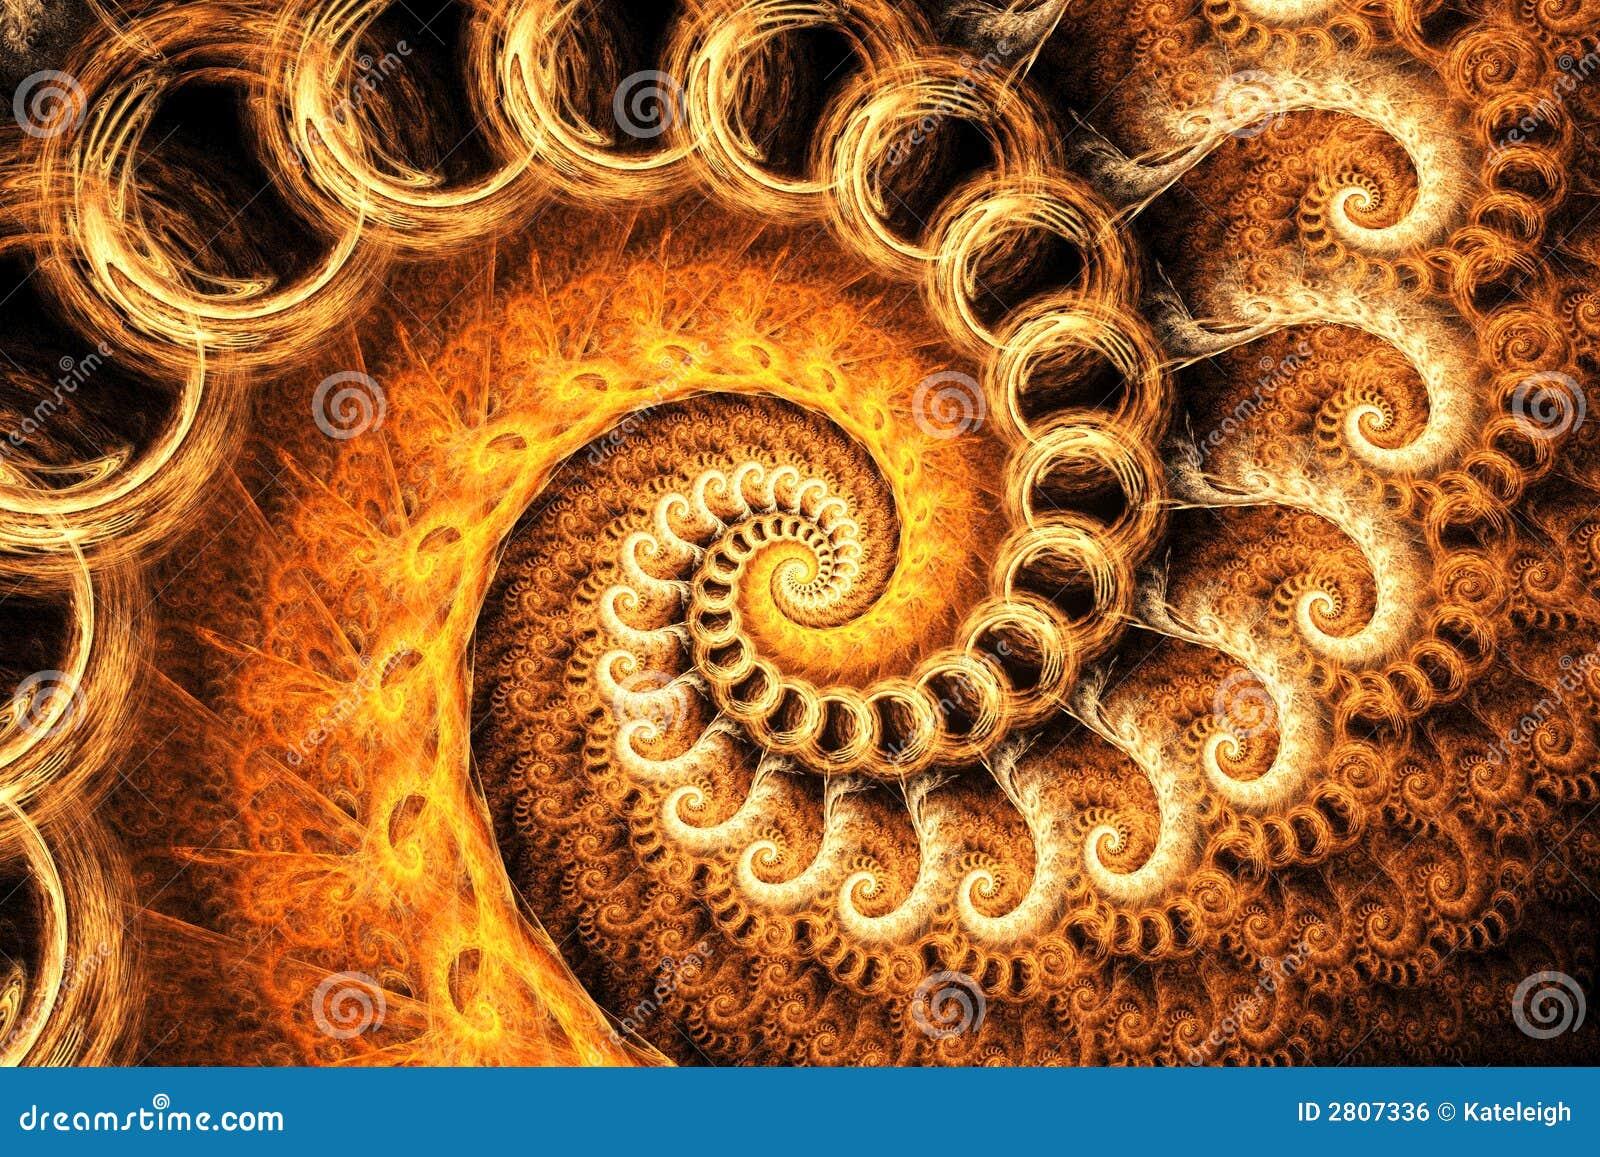 orange fractal spiral stock illustration illustration of